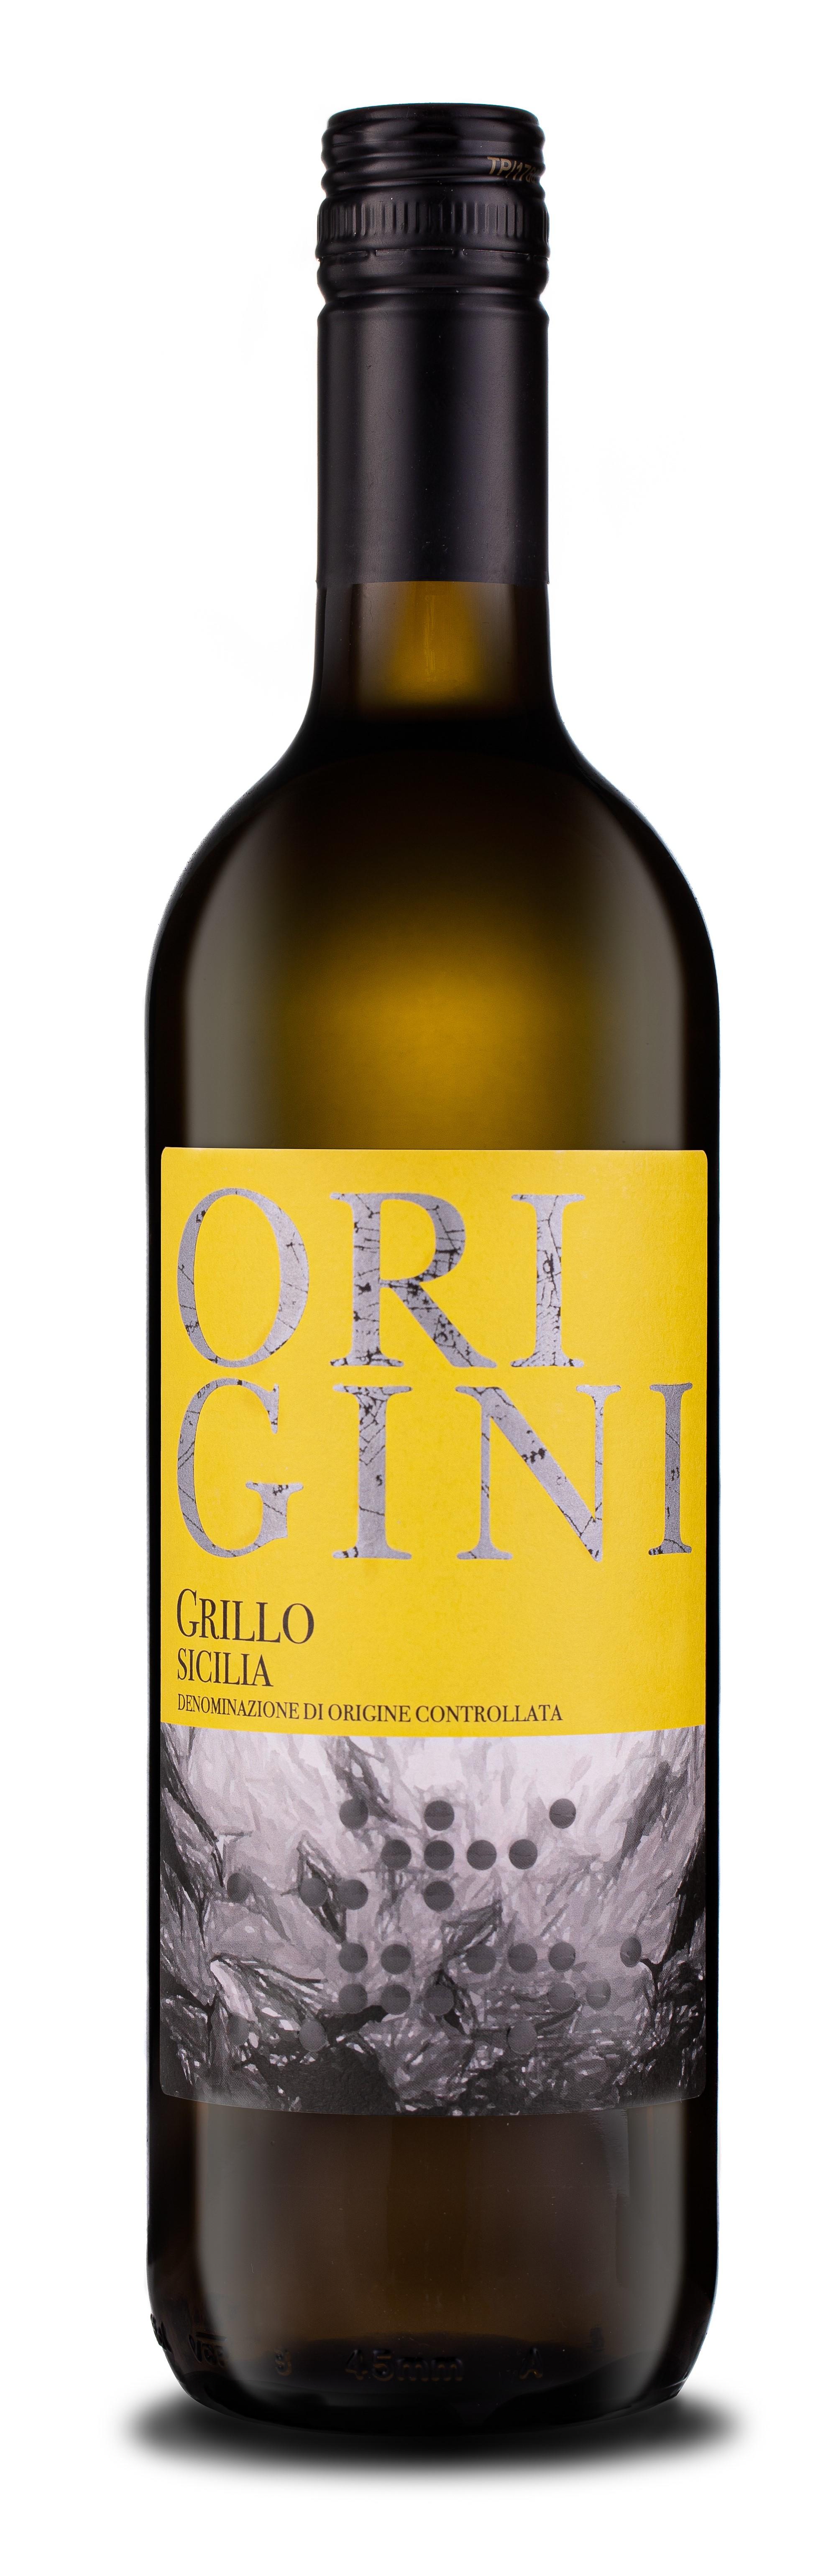 Origini Grillo Sicilia DOC